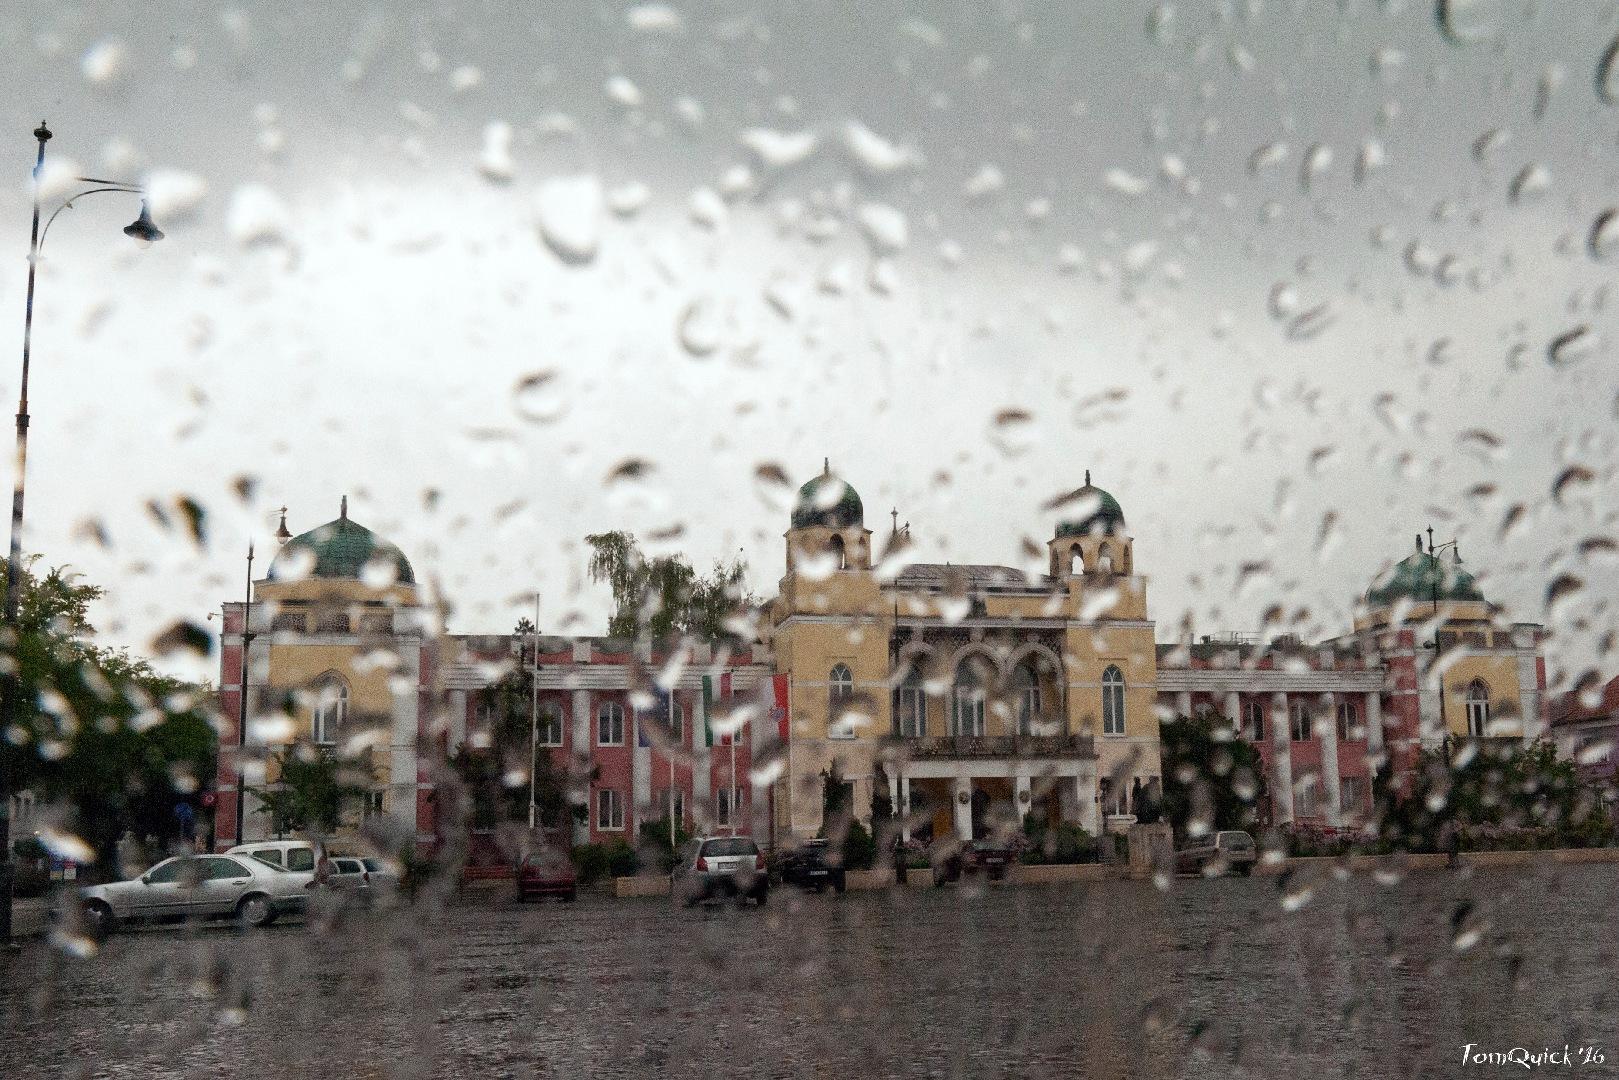 Esős városháza